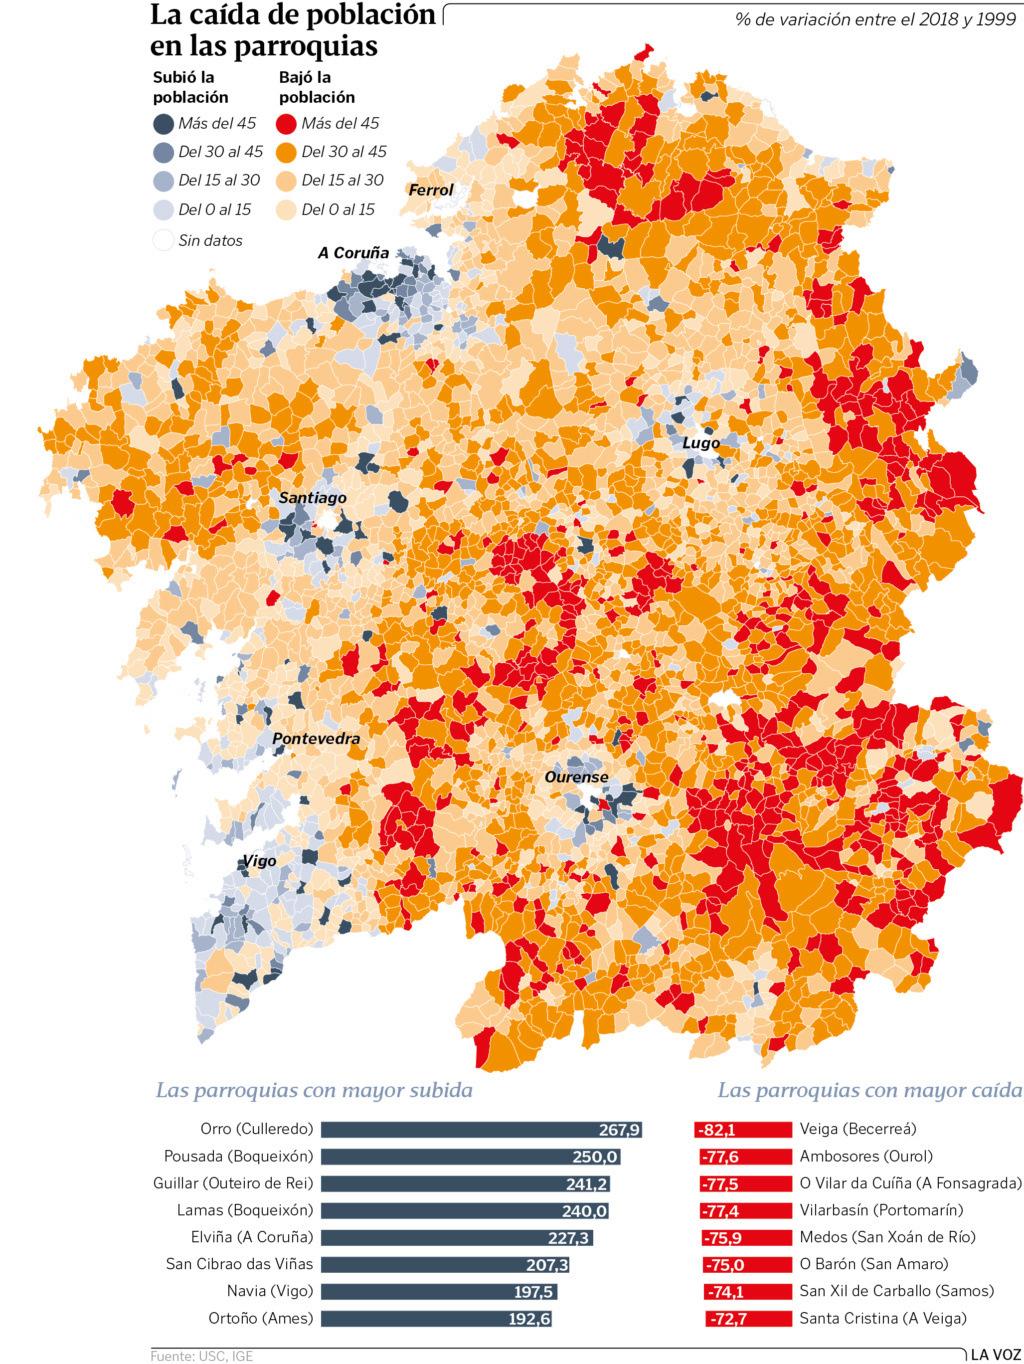 Galiza, demografía: Despoblamiento rural, más de 200.000 casas deshabitadas. - Página 4 Gy5p8g10